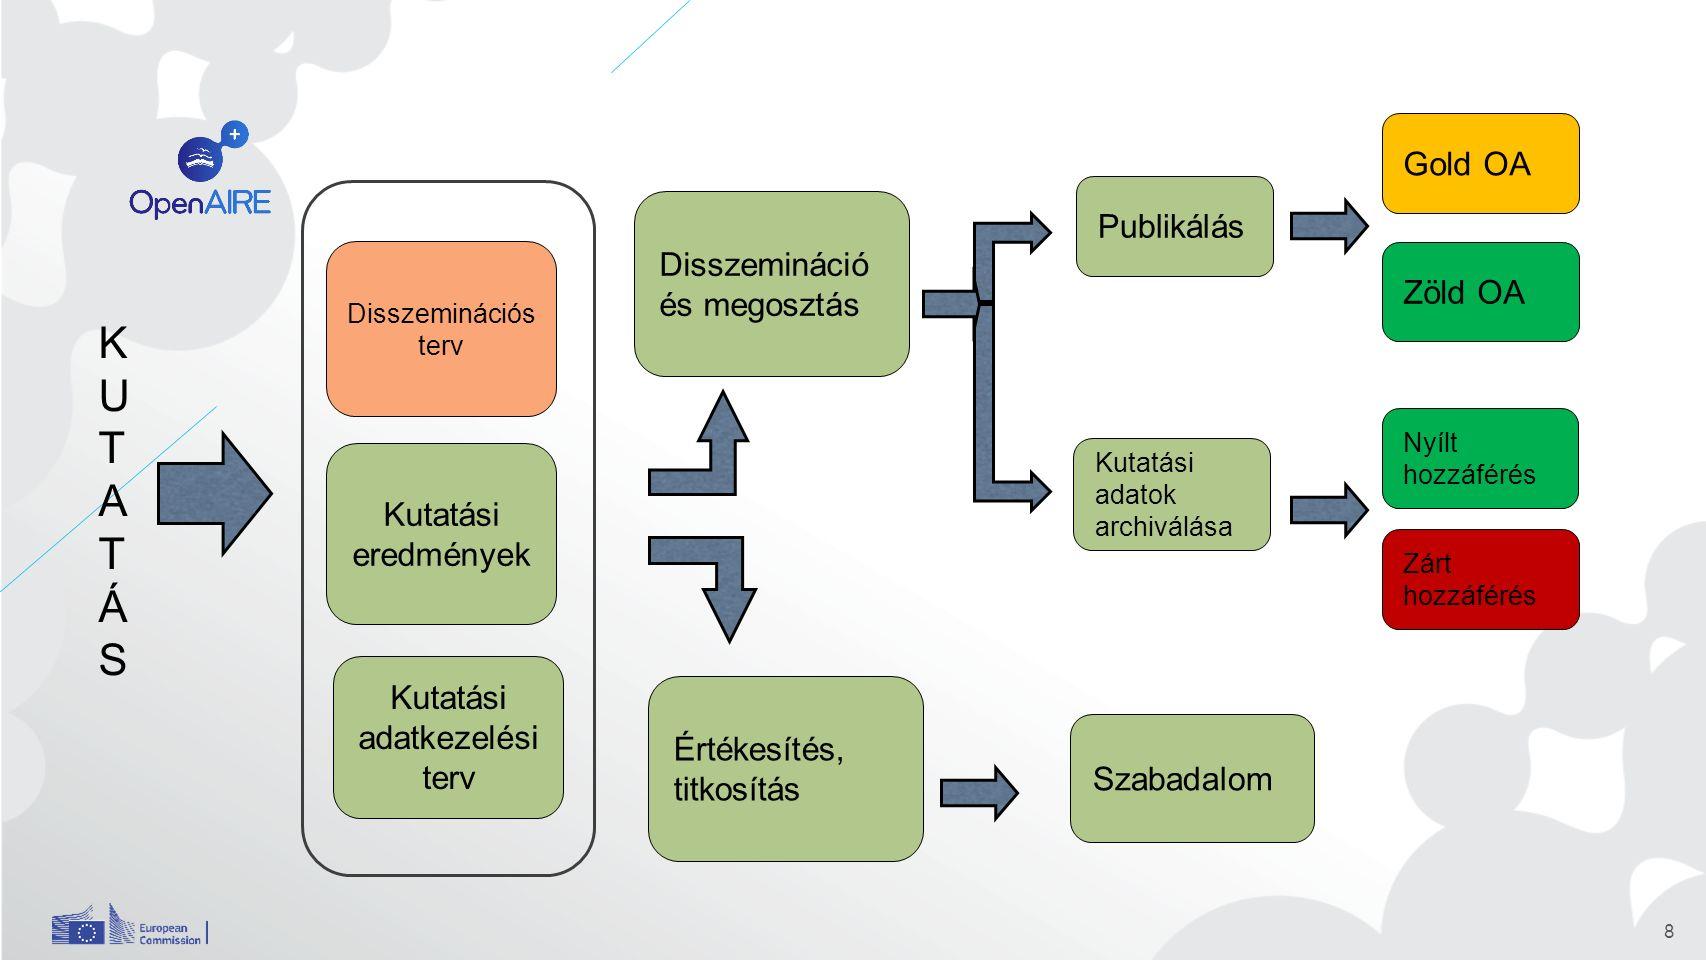 8 Disszemináció és megosztás Publikálás Kutatási eredmények Disszeminációs terv KUTATÁSKUTATÁS Kutatási adatkezelési terv Értékesítés, titkosítás Kutatási adatok archiválása Gold OA Zöld OA Nyílt hozzáférés Zárt hozzáférés Szabadalom